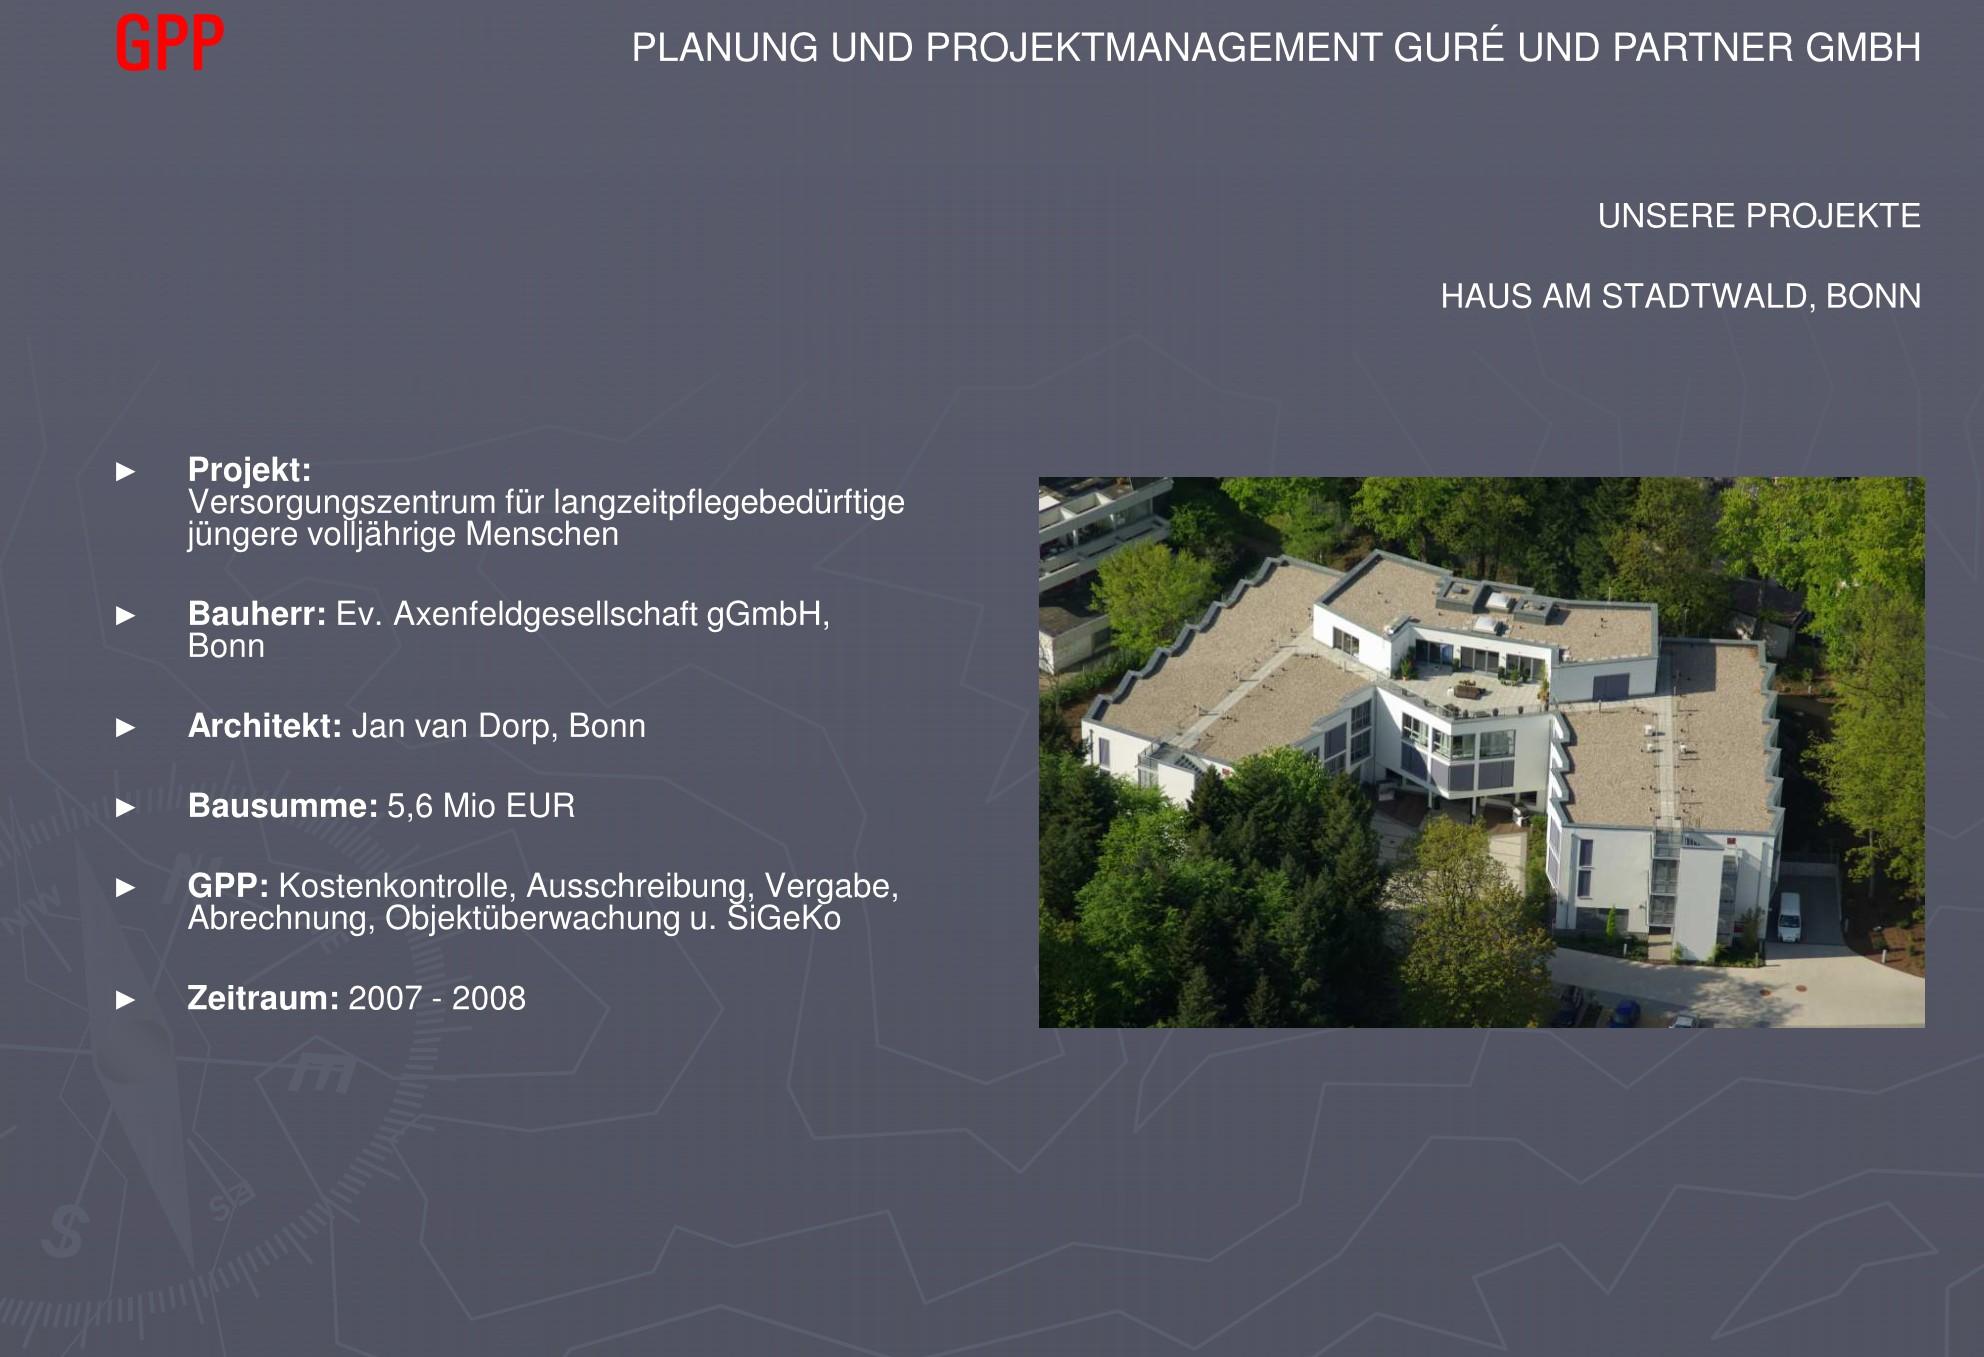 GPP: Kostenkontrolle, Ausschreibung, Vergabe, Abrechnung, Objektüberwachung u. SiGeKo